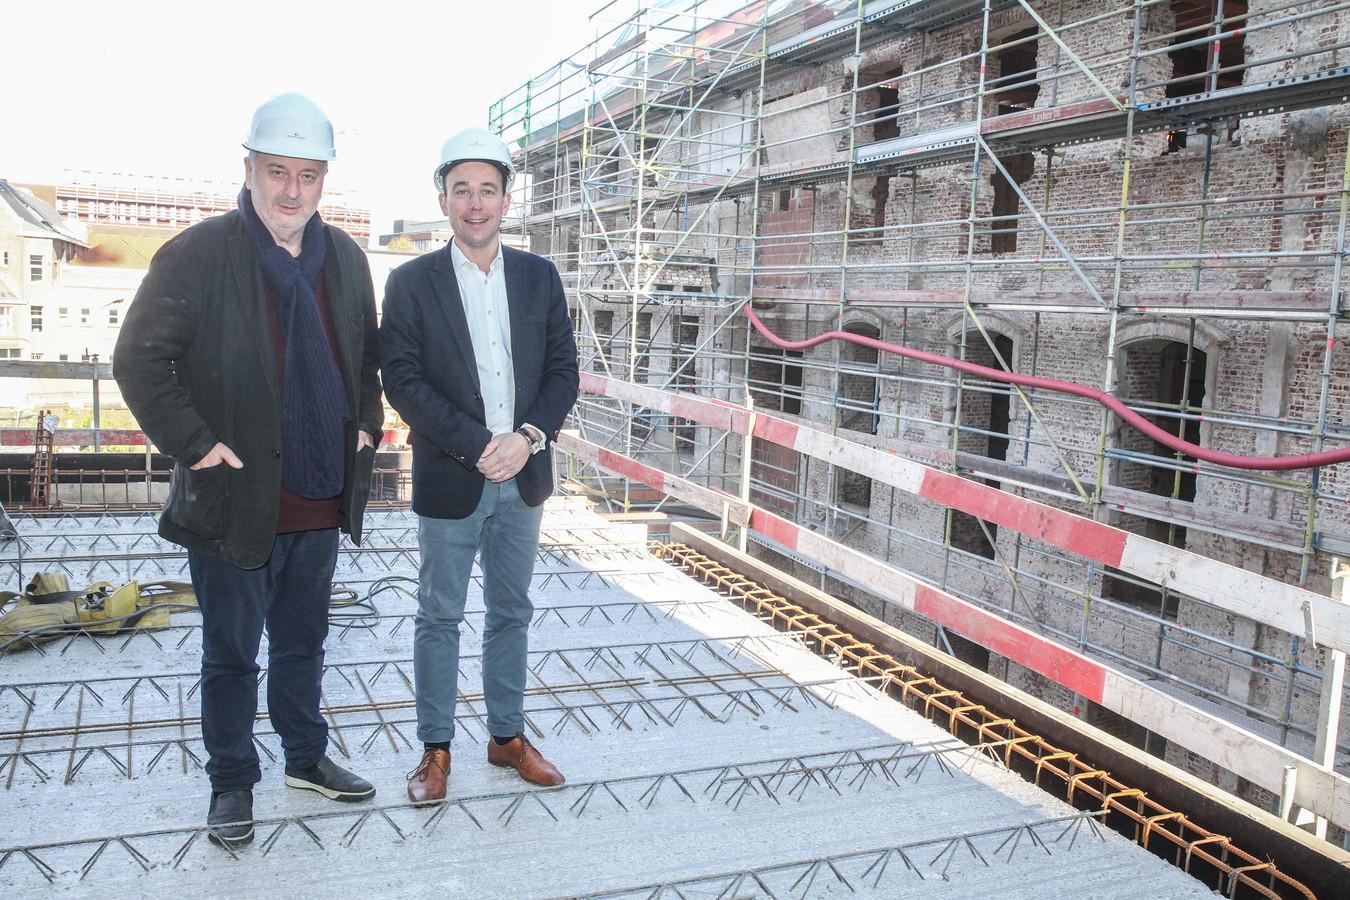 Nieuwe Stadswijk Herstelt Koninklijke Kunstacademie In Oude Glorie Architecturaal Erfgoed Krijgt Centrale Plaats Foto Pzc Nl